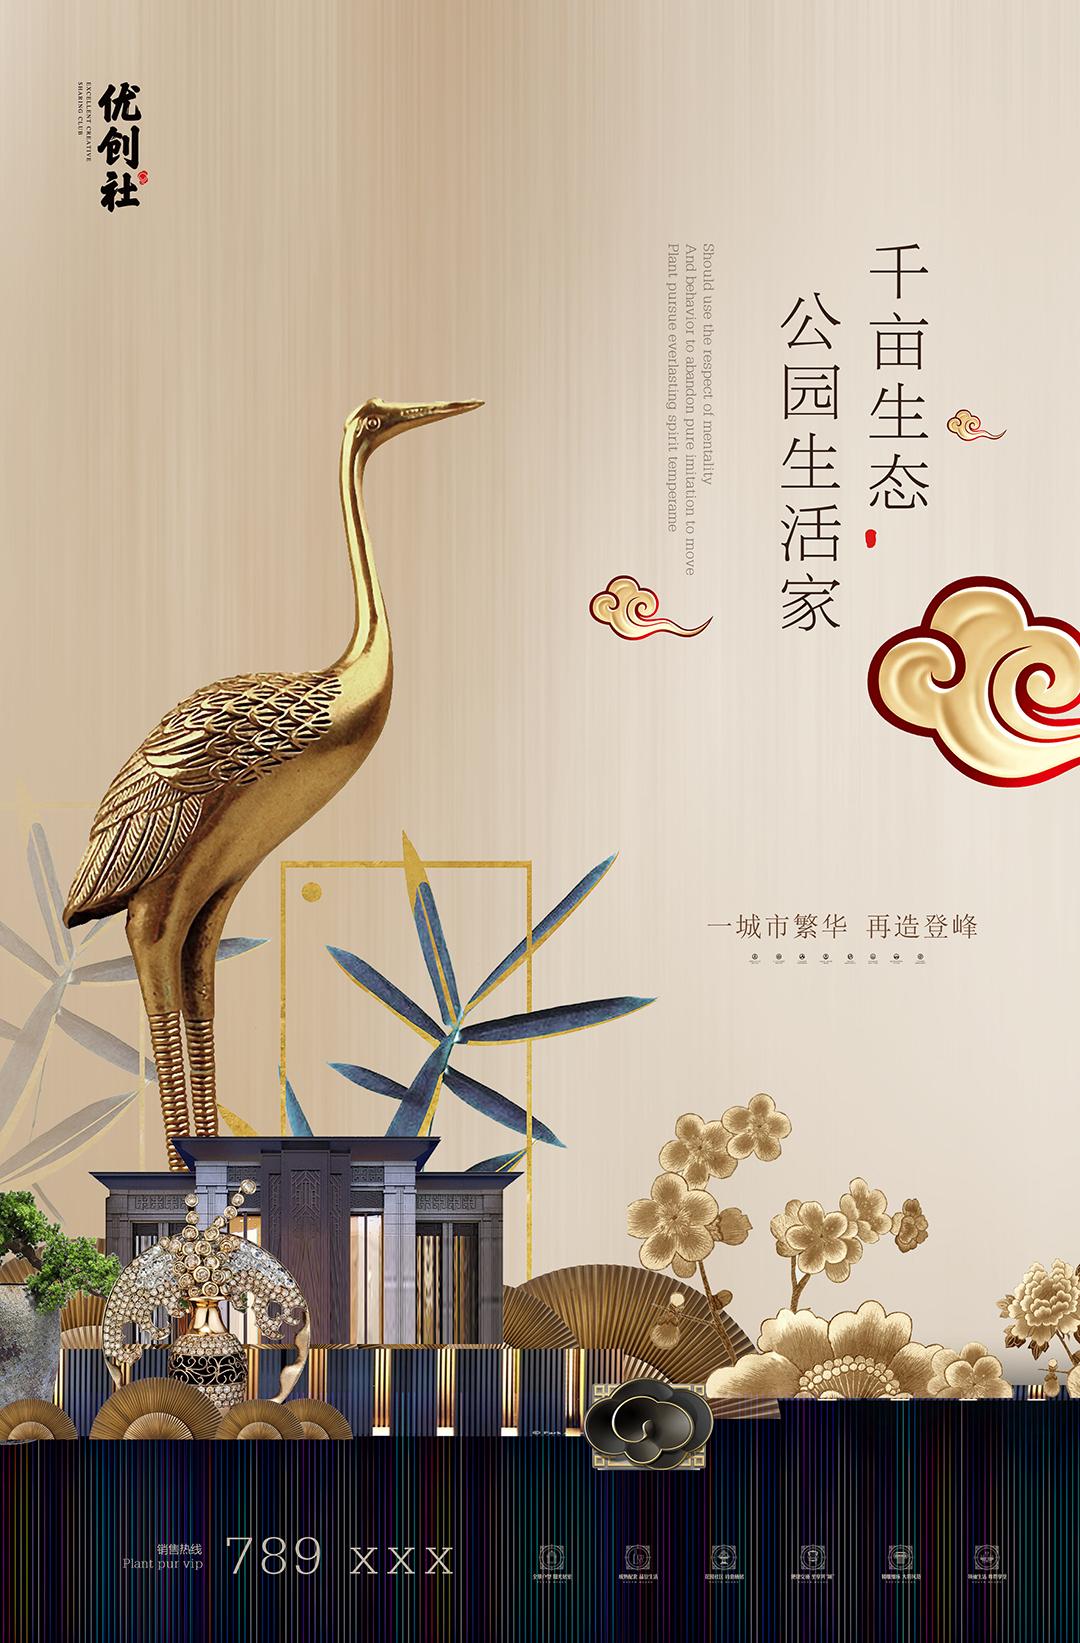 新中式地产报广(四) 模板-第1张